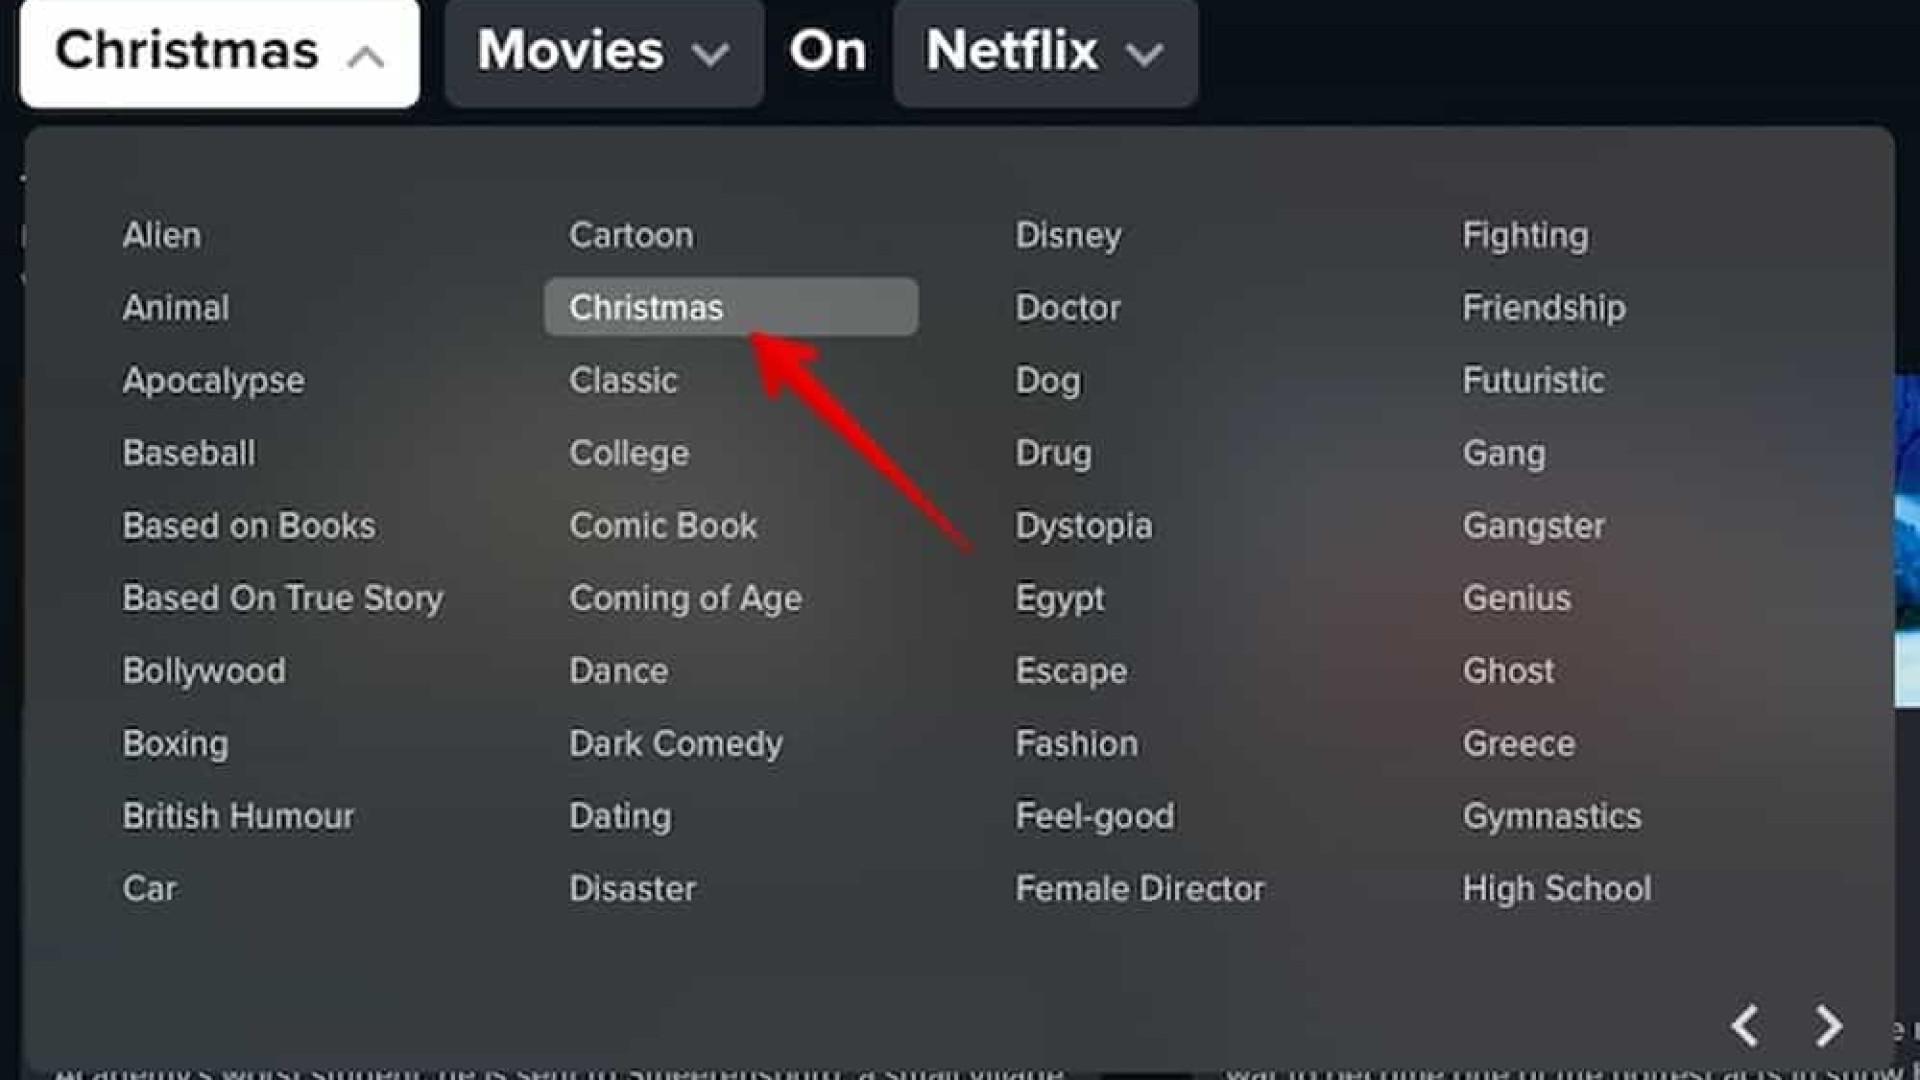 Ferramenta ajuda a encontrar filmes e séries temáticas na Netflix